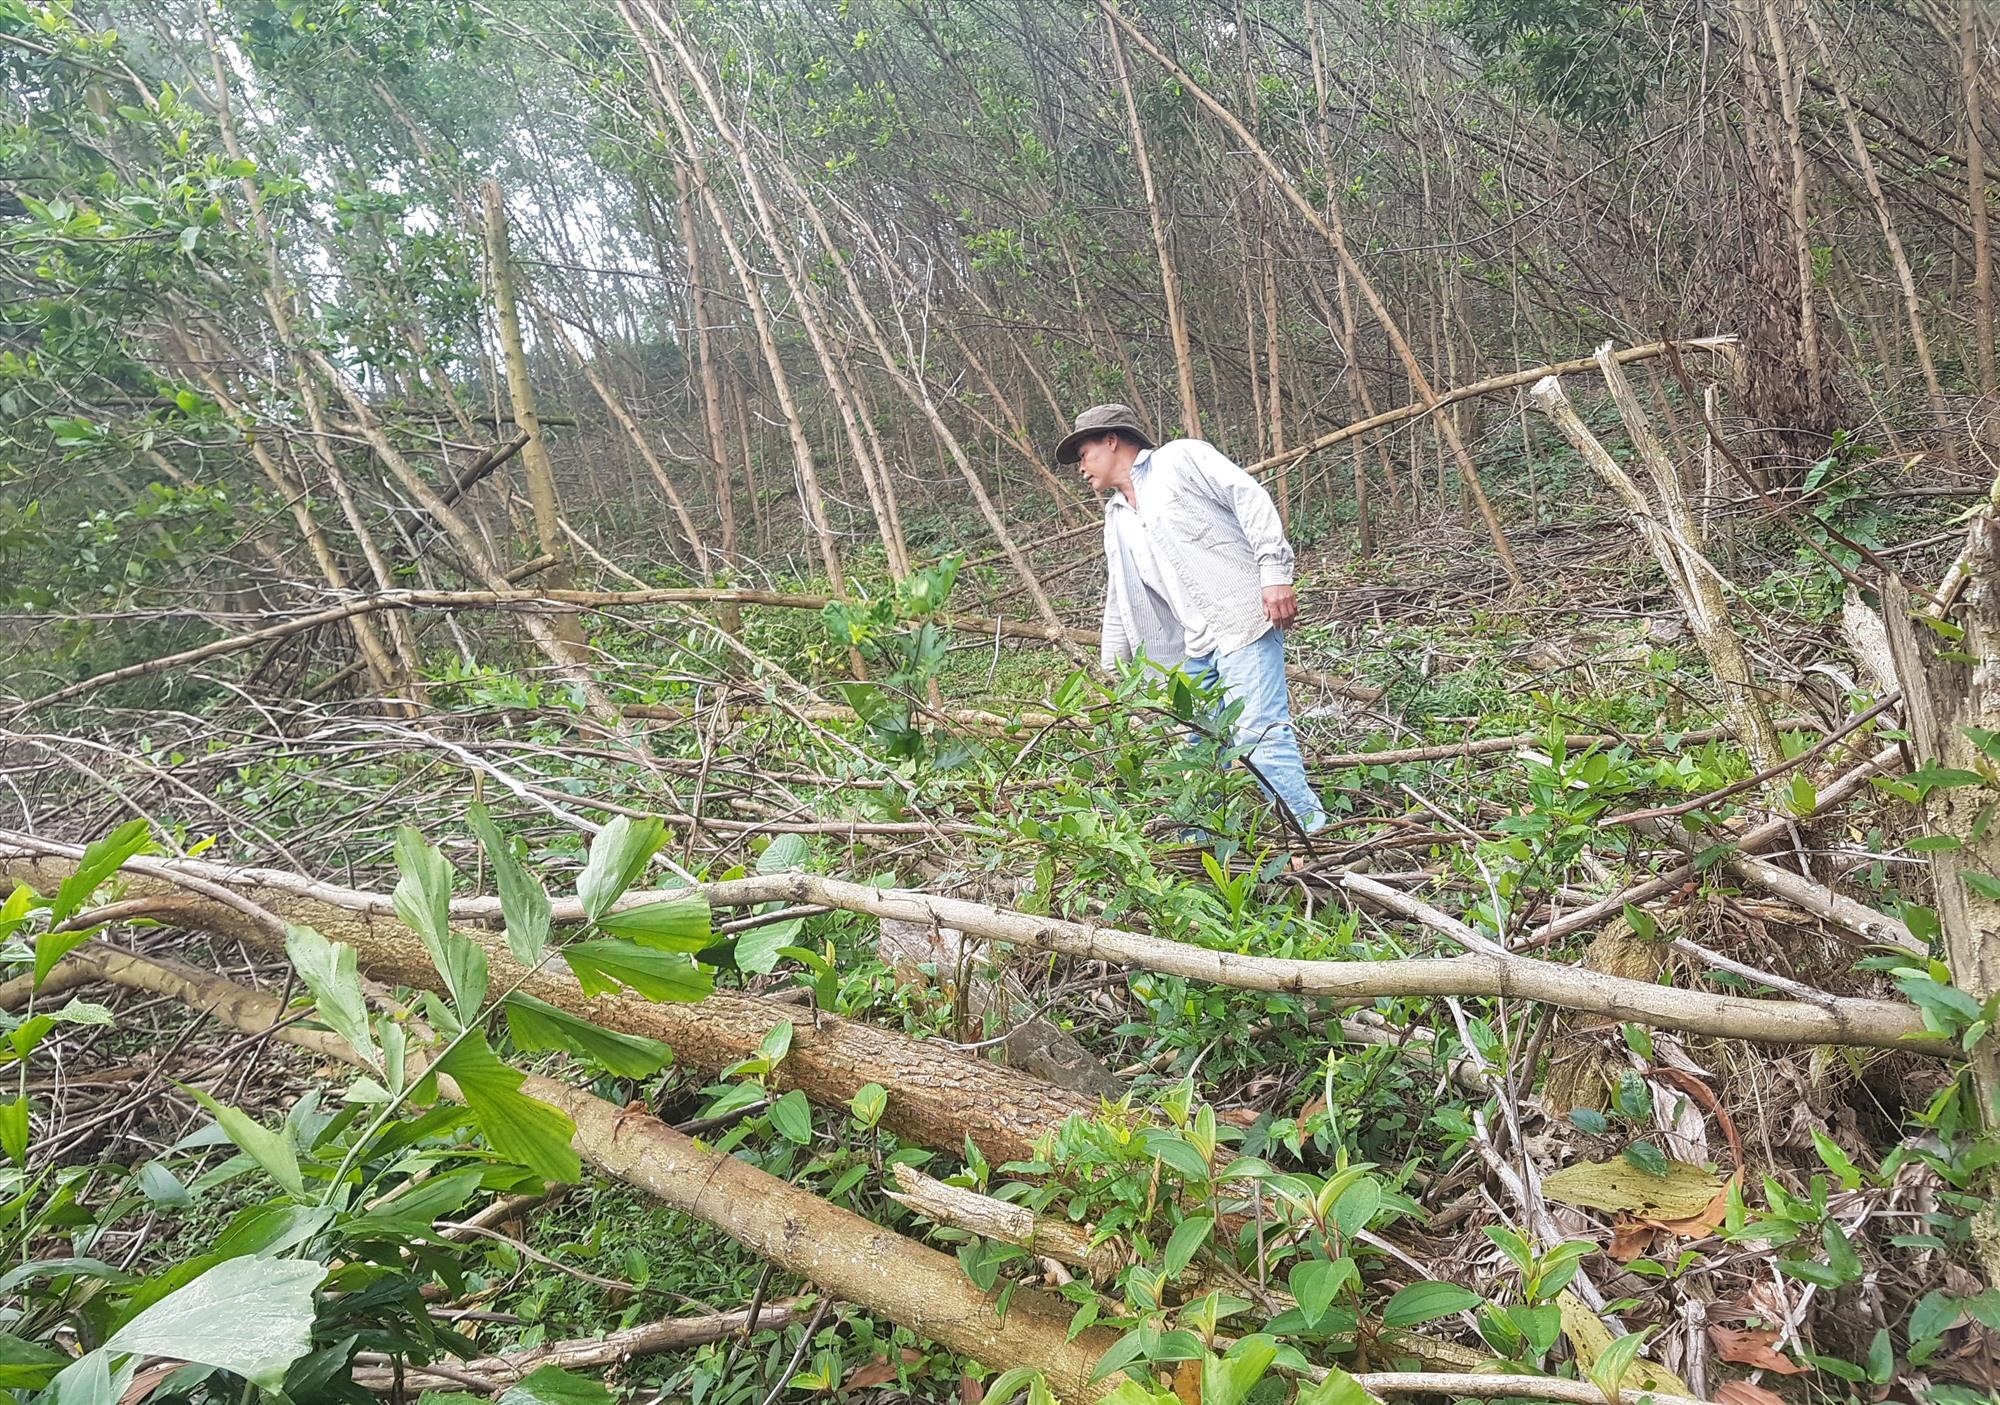 Người dân huyện Bắc Trà My khai thác tận thu, dọn dẹp keo bị hư hại để trồng mới. Ảnh: D.L